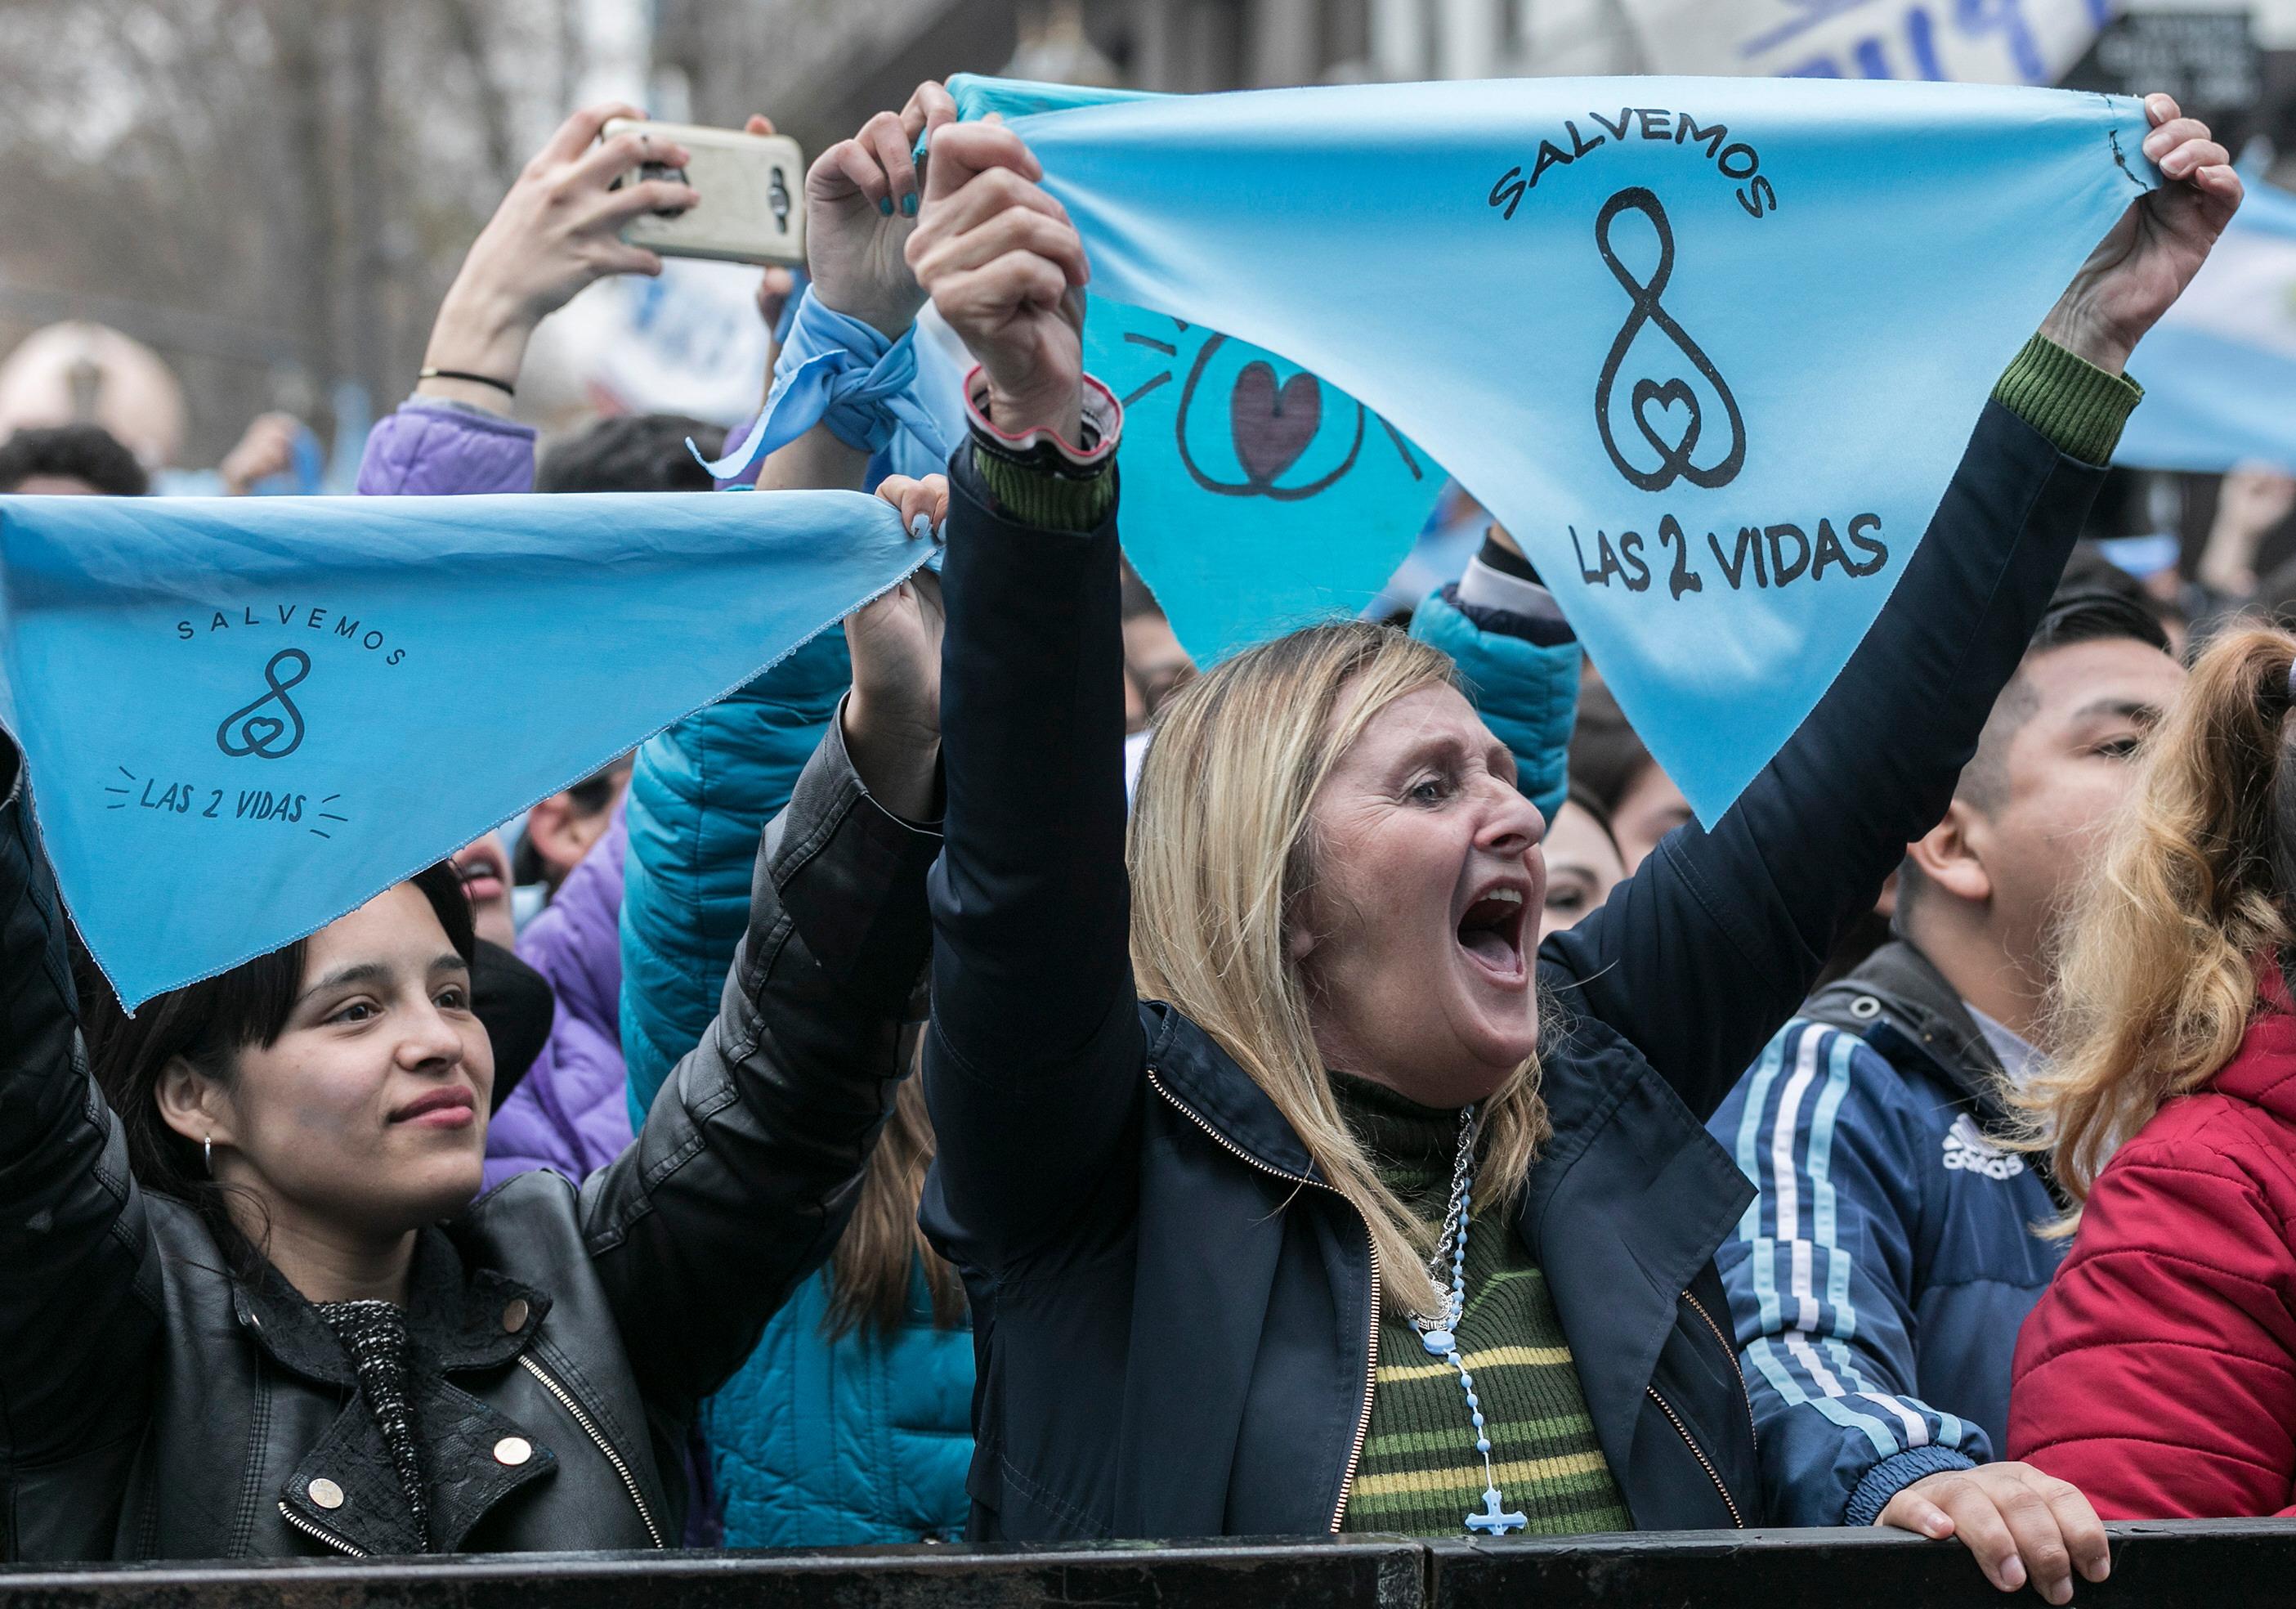 Los sectores 'pro-vida' se oponen a la legalización del aborto y piden por su negativa.